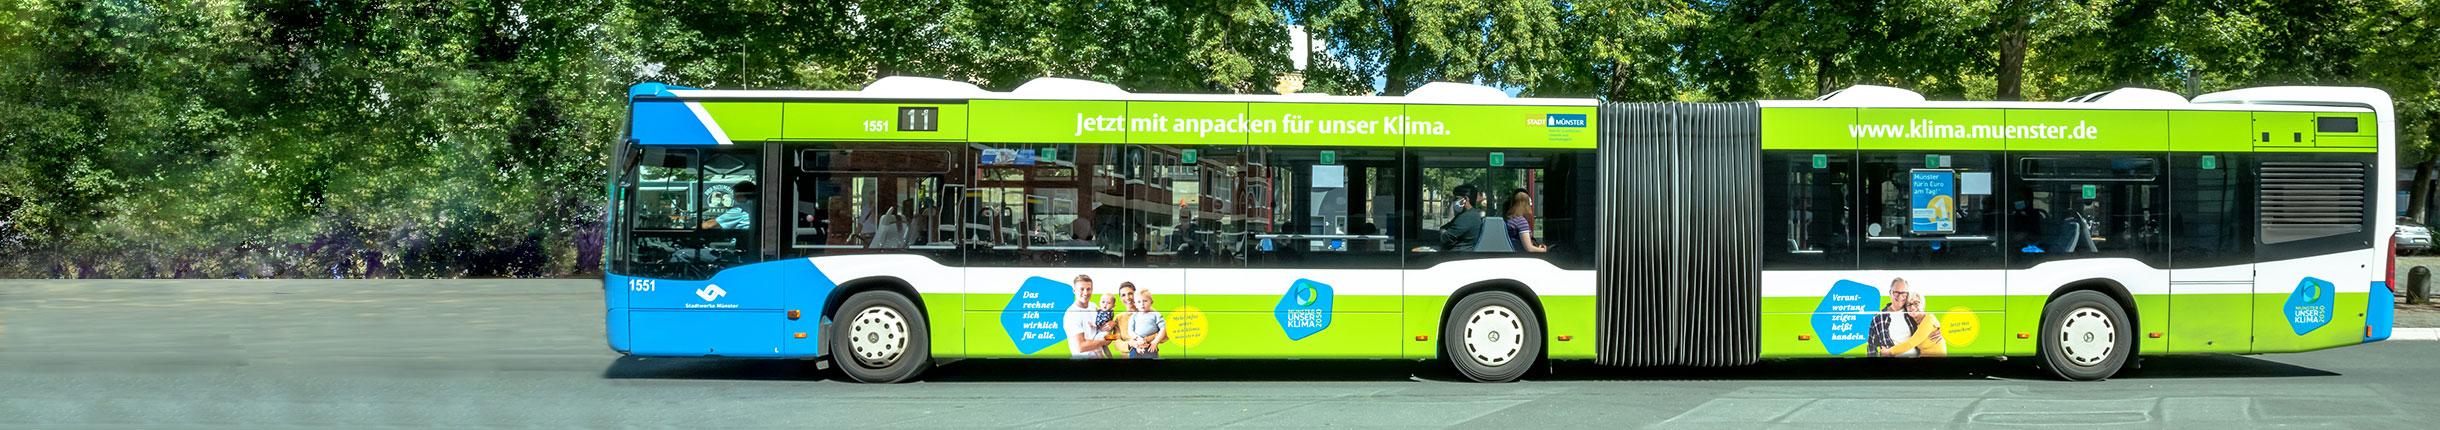 Stadtbus mit Klimaschutz-Werbung